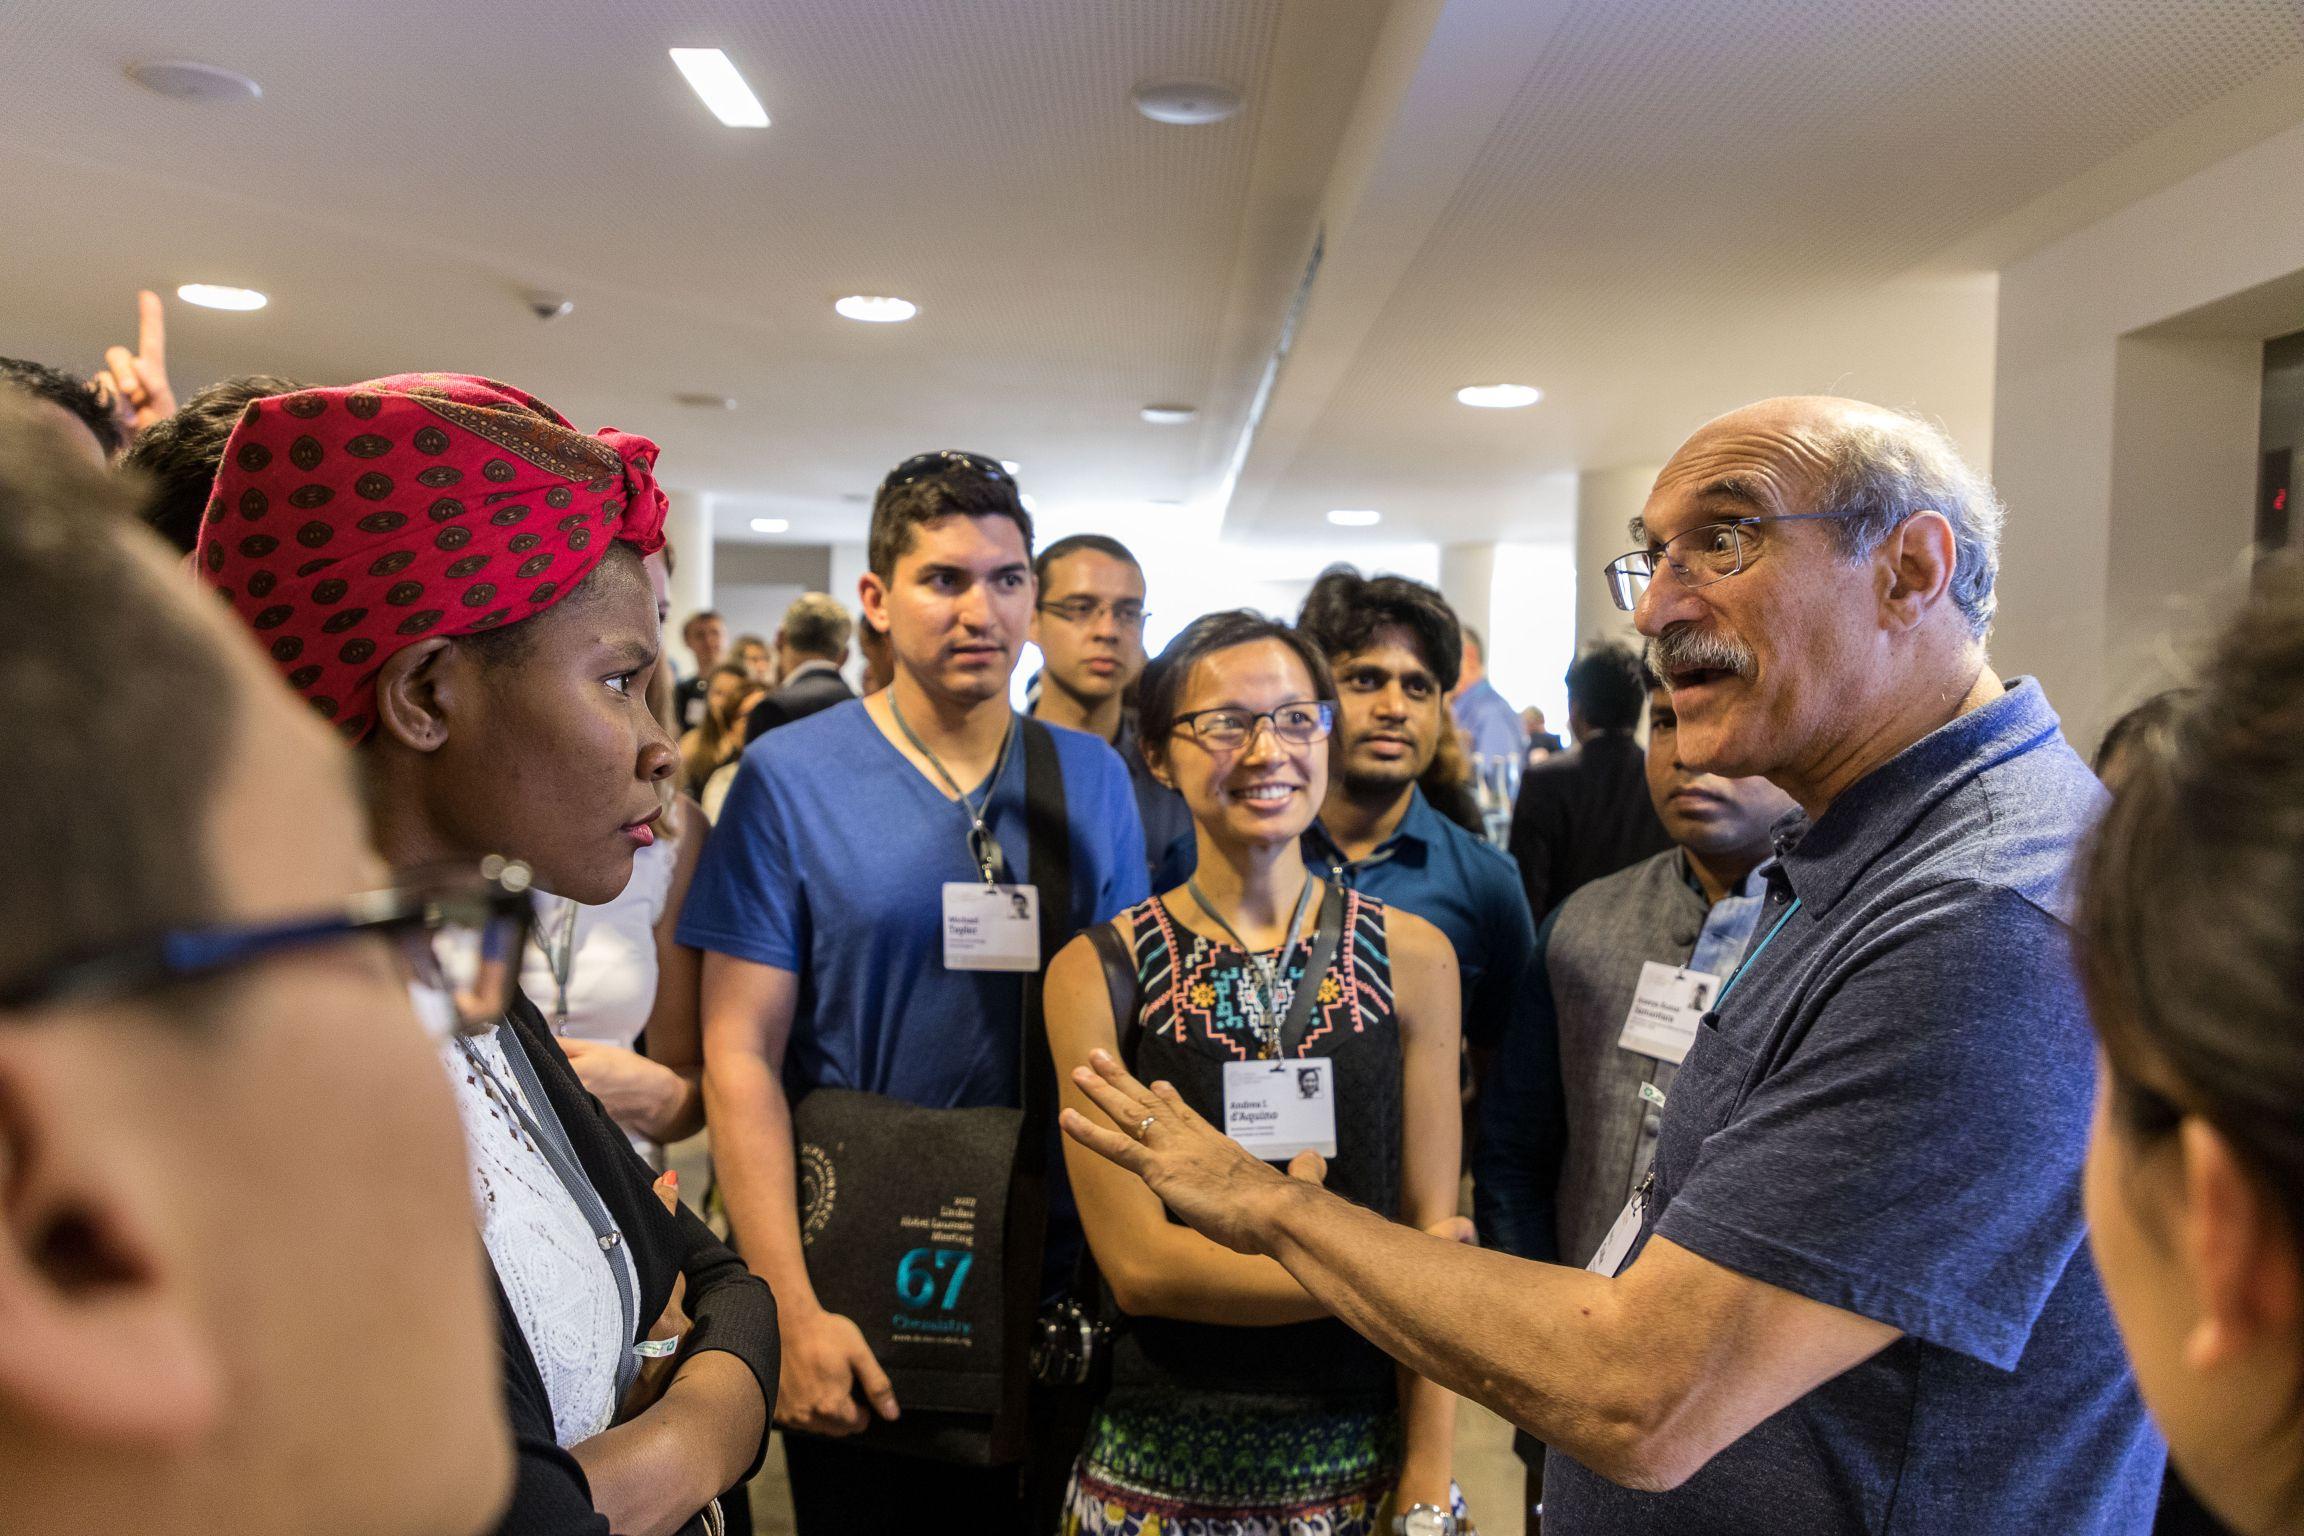 Nachwuchswissenschaftler unterhalten sich mit Nobelpreisträger Martin Chalfie während der 67. Lindauer Tagung, Picture/Credit: Christian Flemming/Lindau Nobel Laureate Meetings